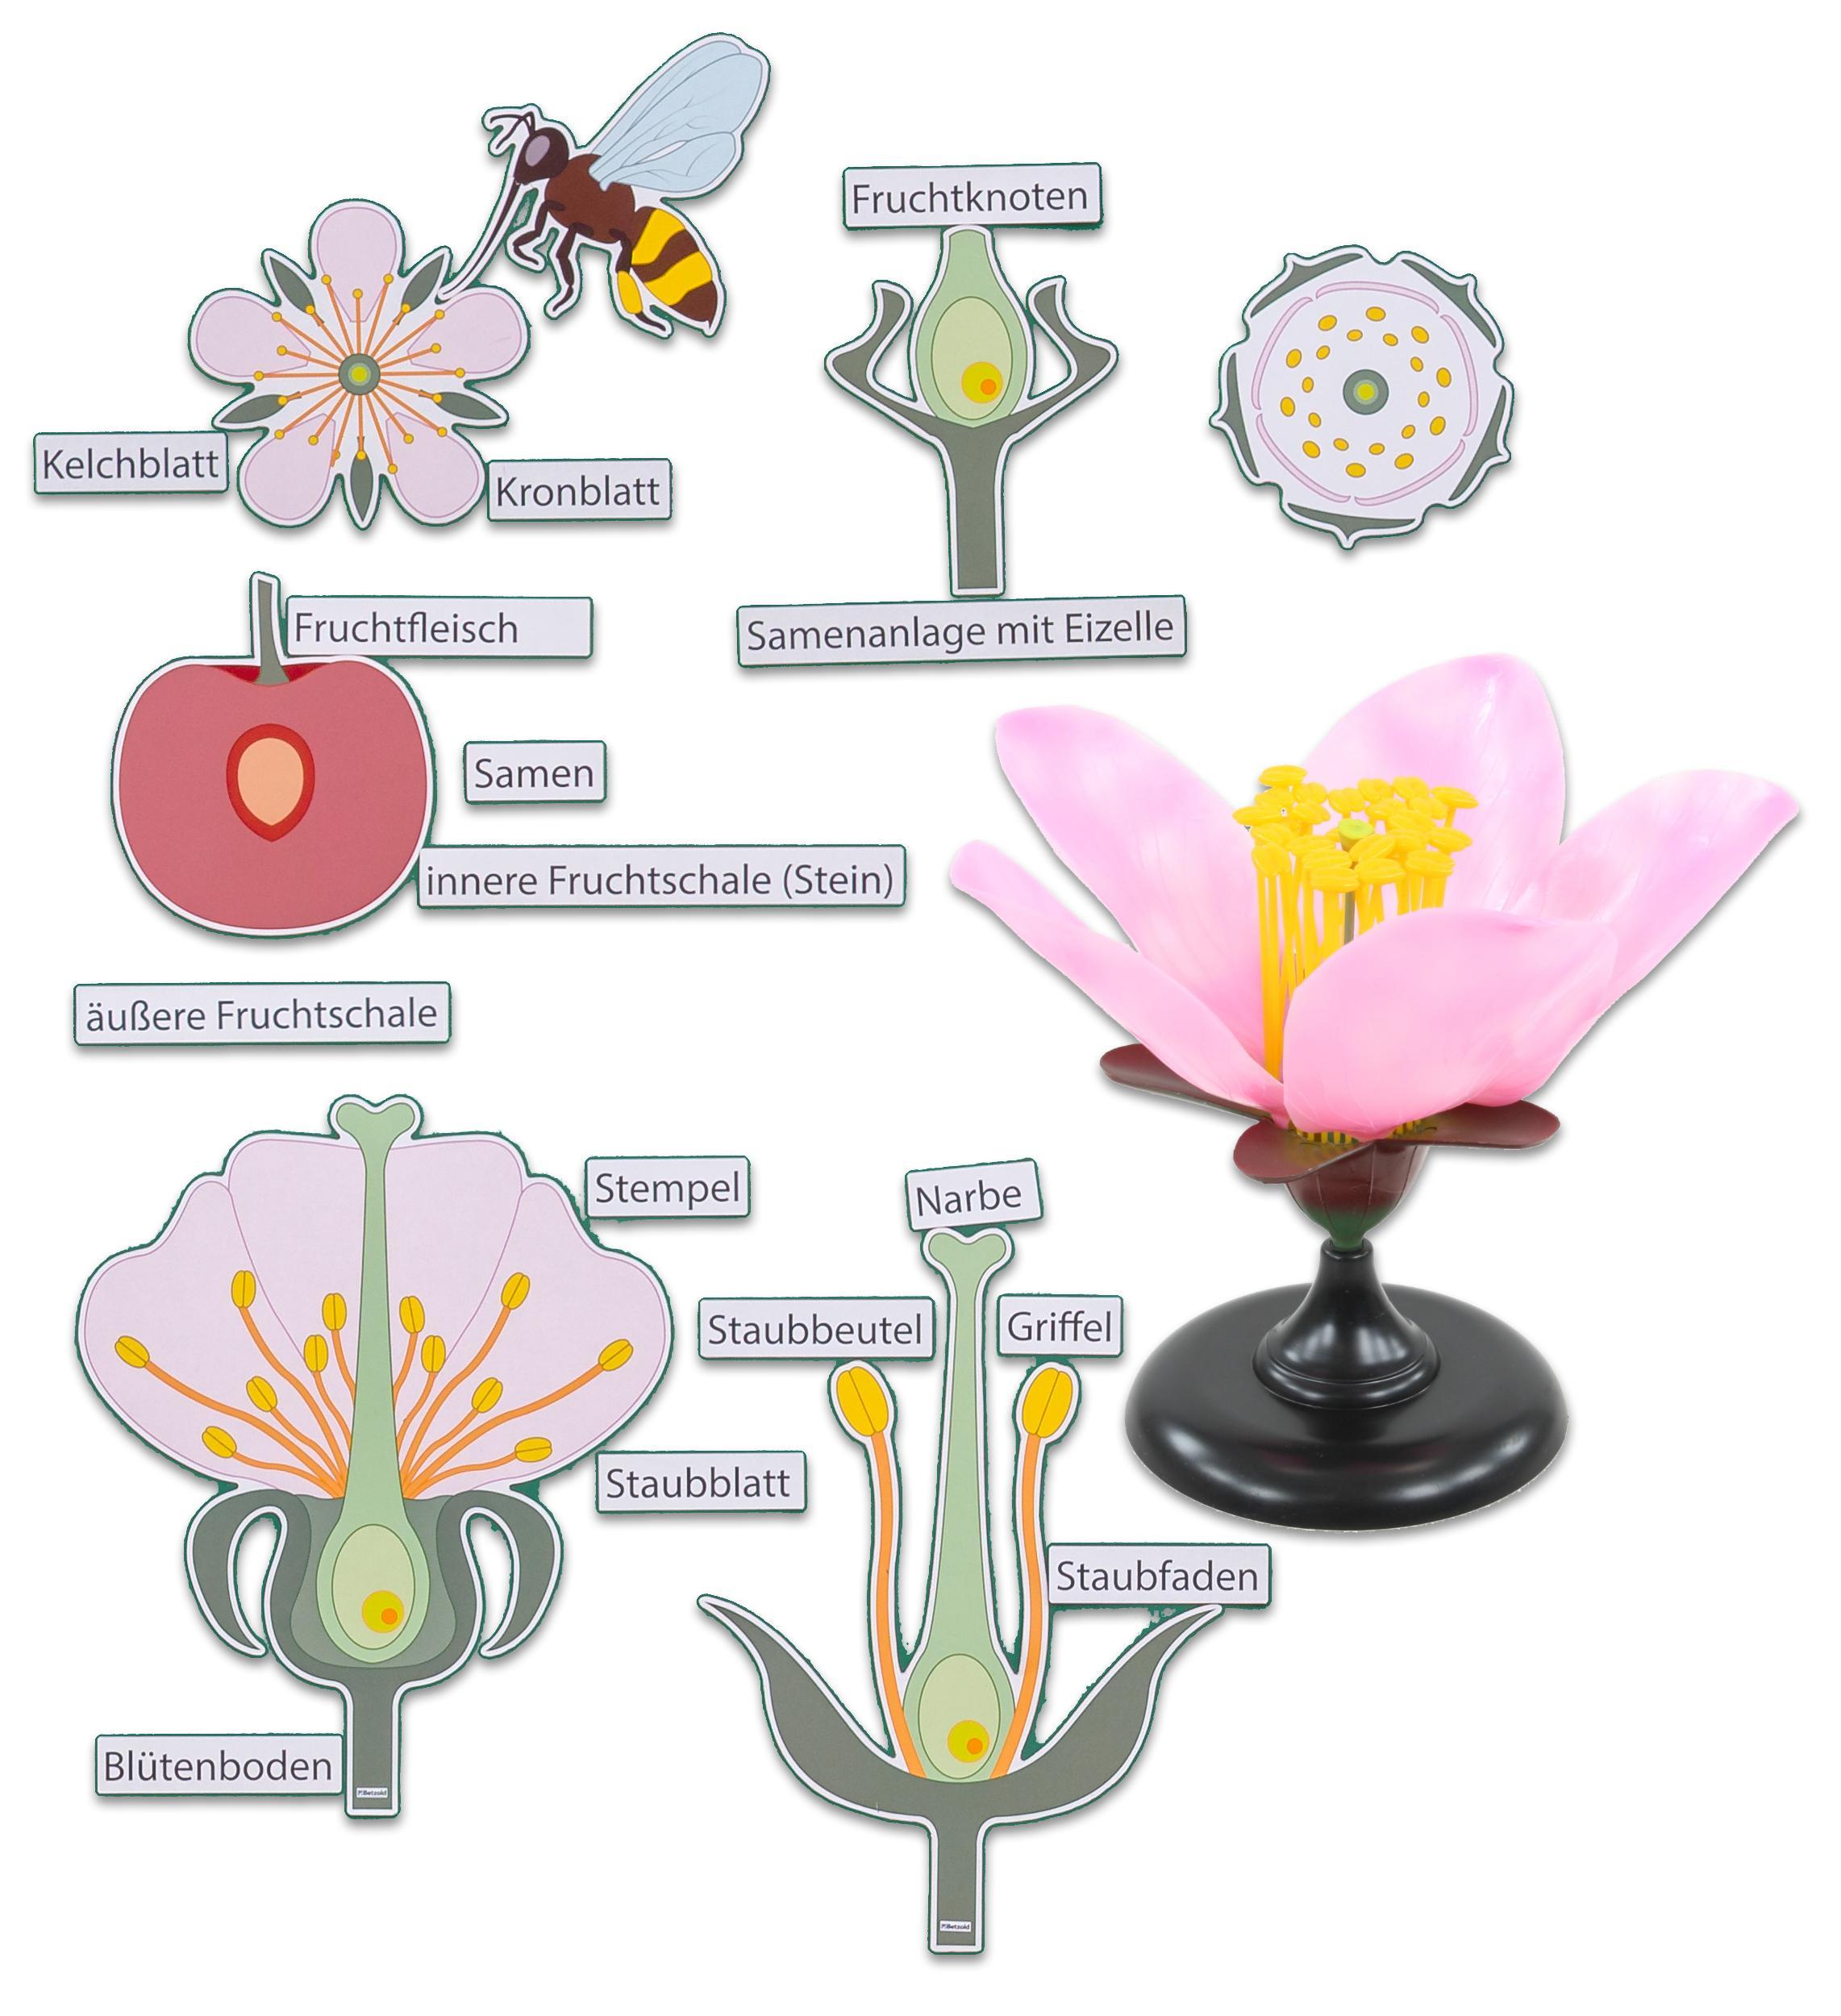 Betzold Betzold Betzold - Set Die Kirschblüte - Demonstations-Modell Blüten-Modell Bio-Logie 0e8f77